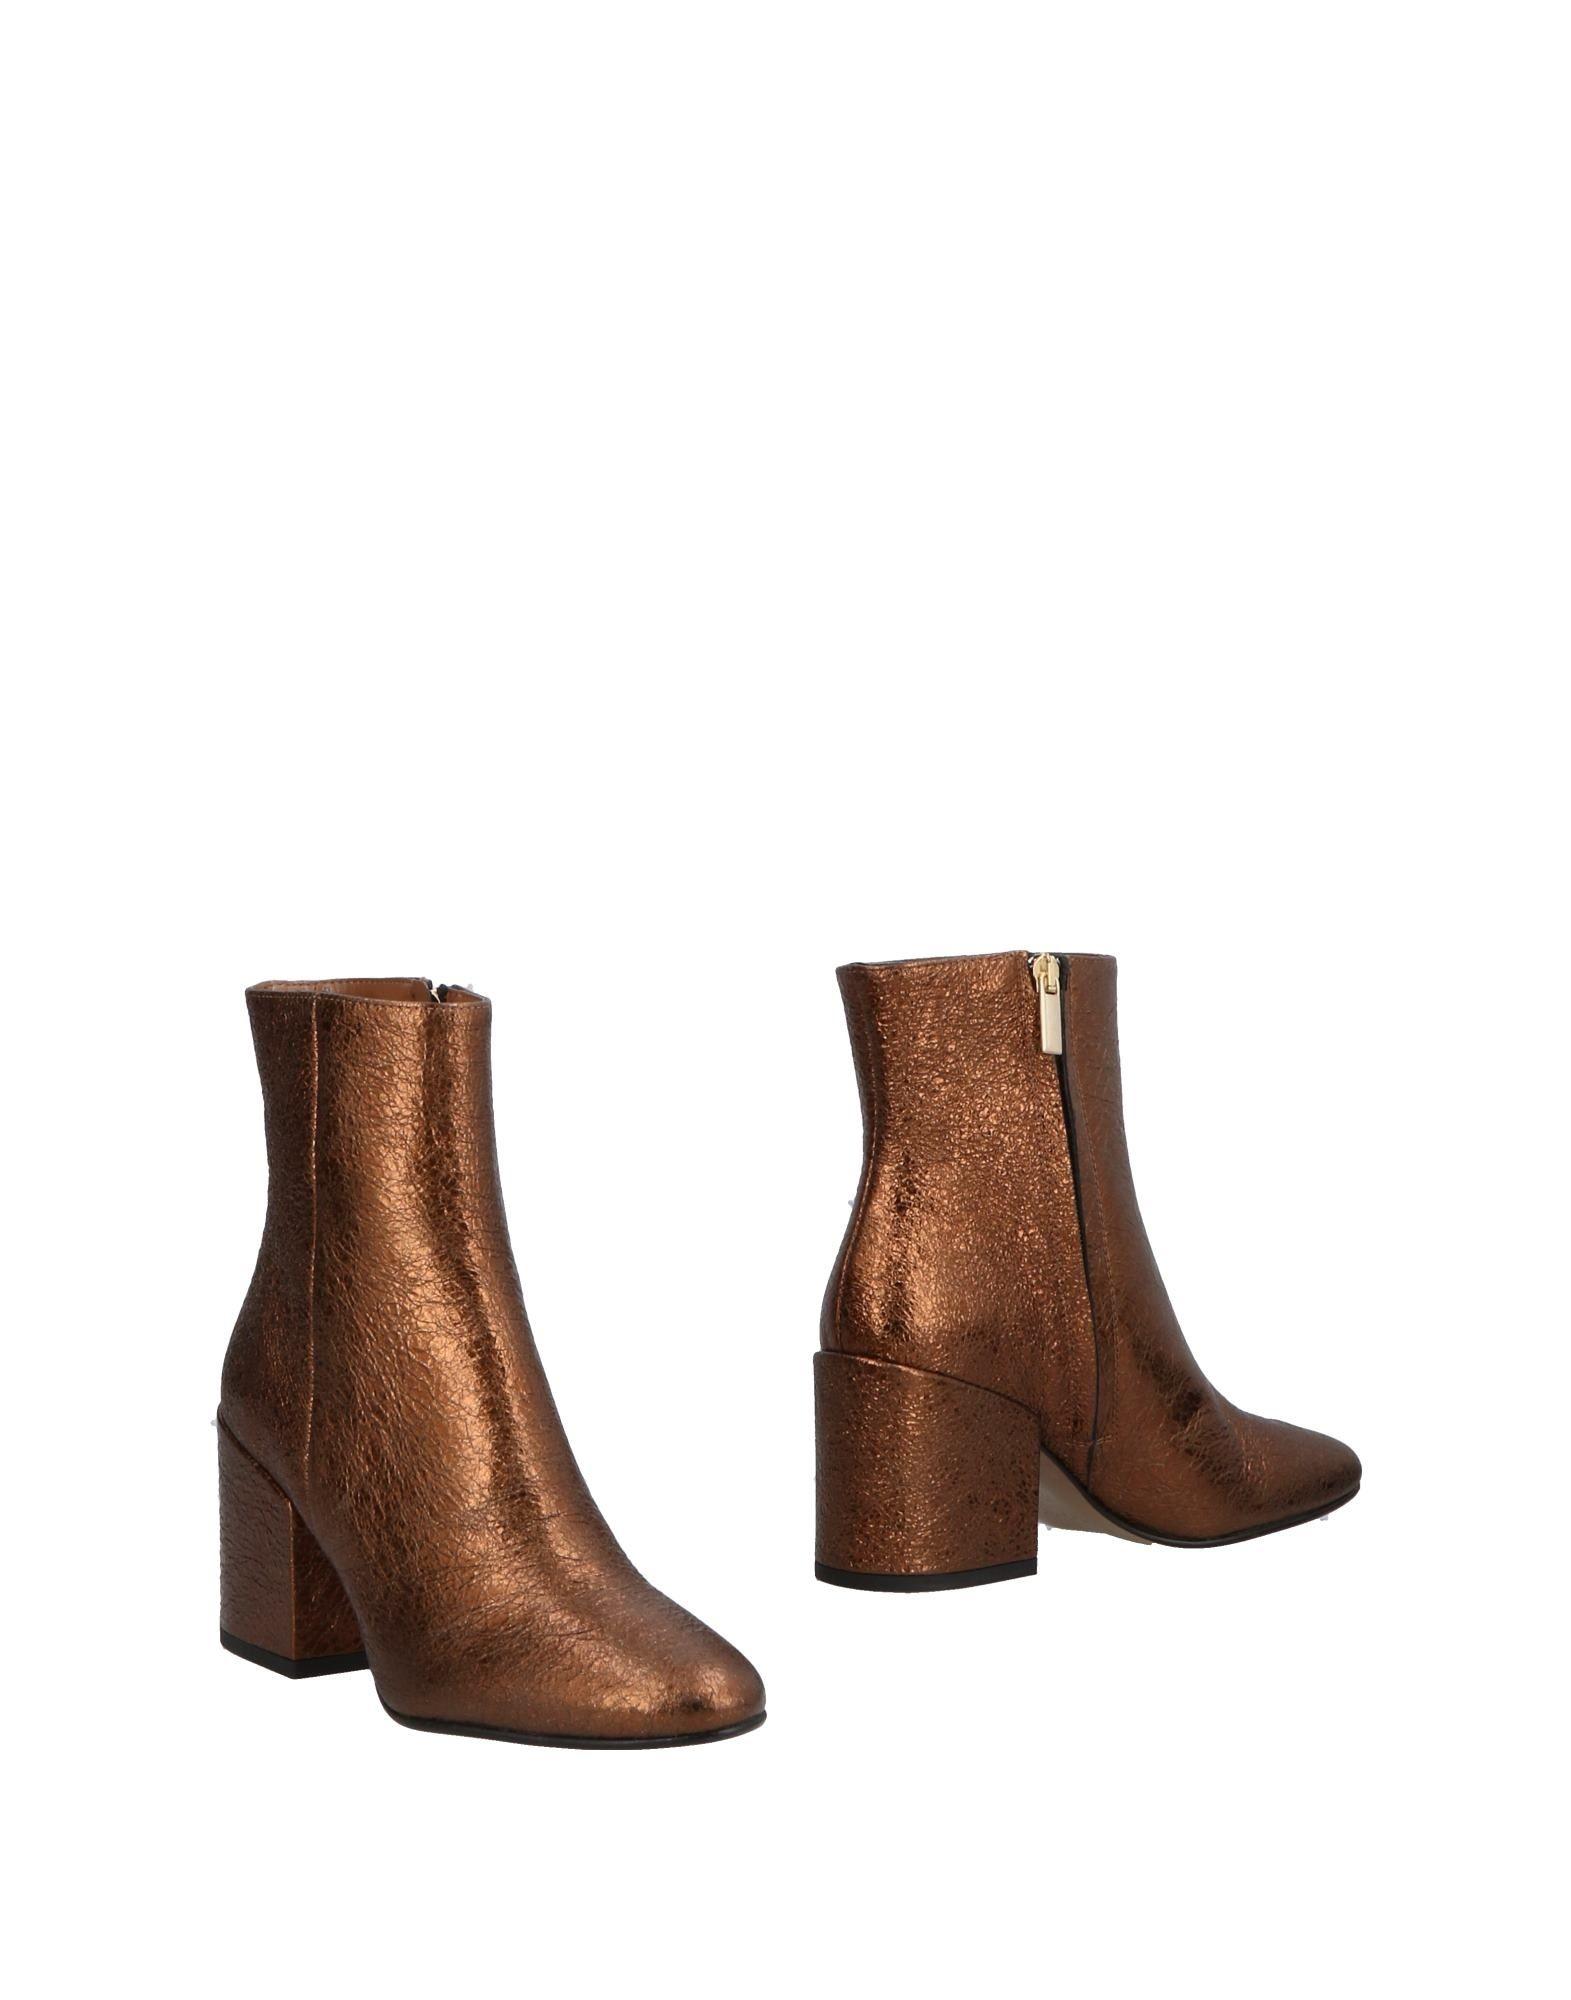 Gut Rossi um billige Schuhe zu tragenOsvaldo Rossi Gut Stiefelette Damen  11502085FF 669d08